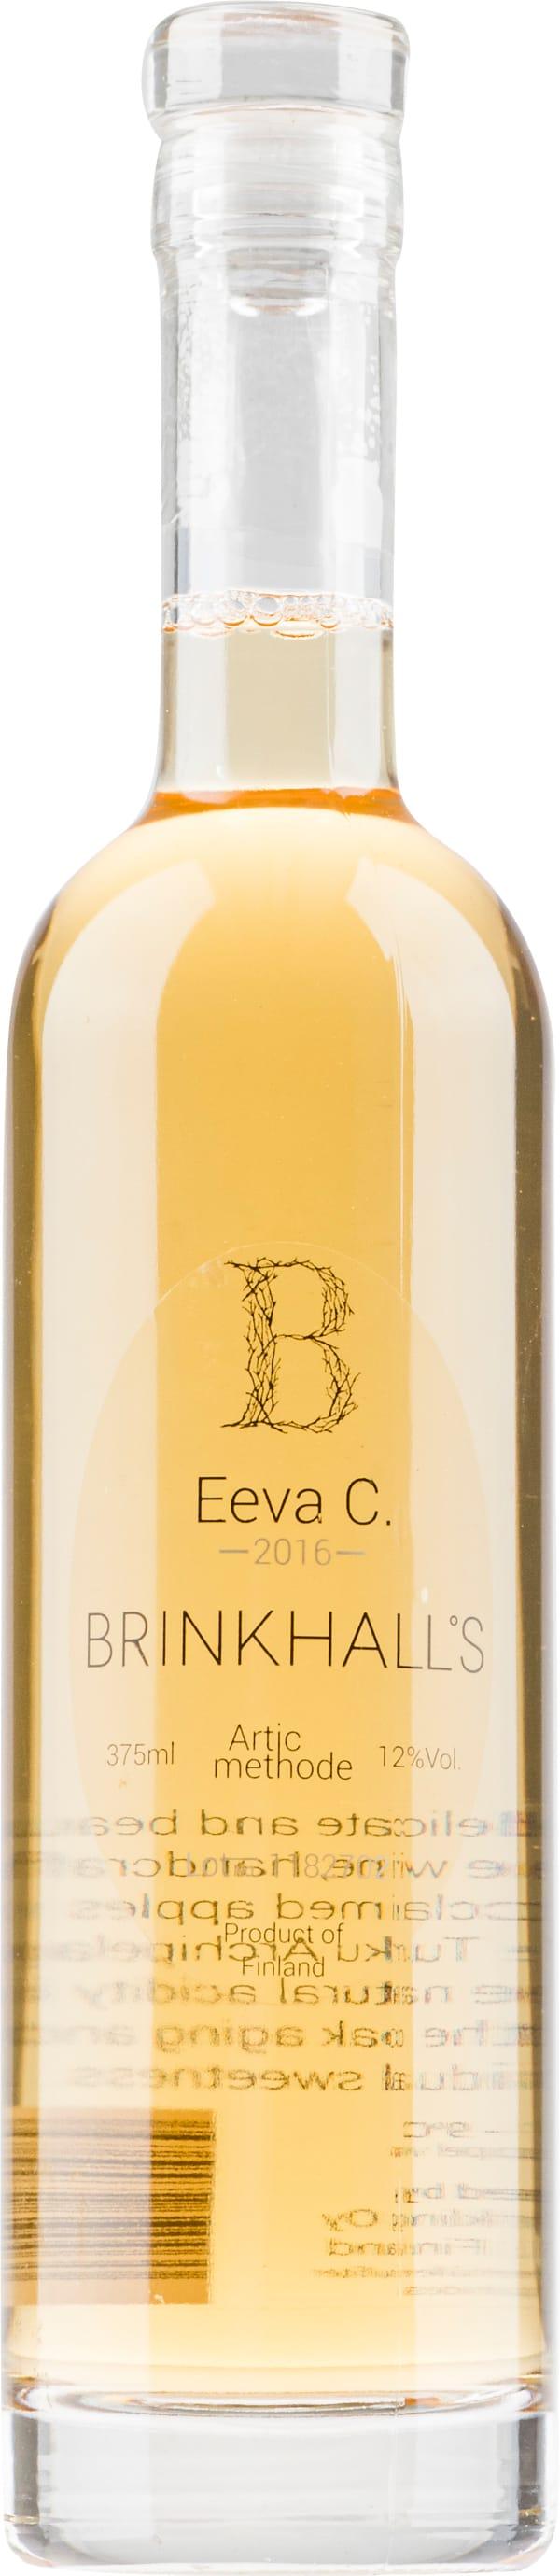 Brinkhall's Eeva C.